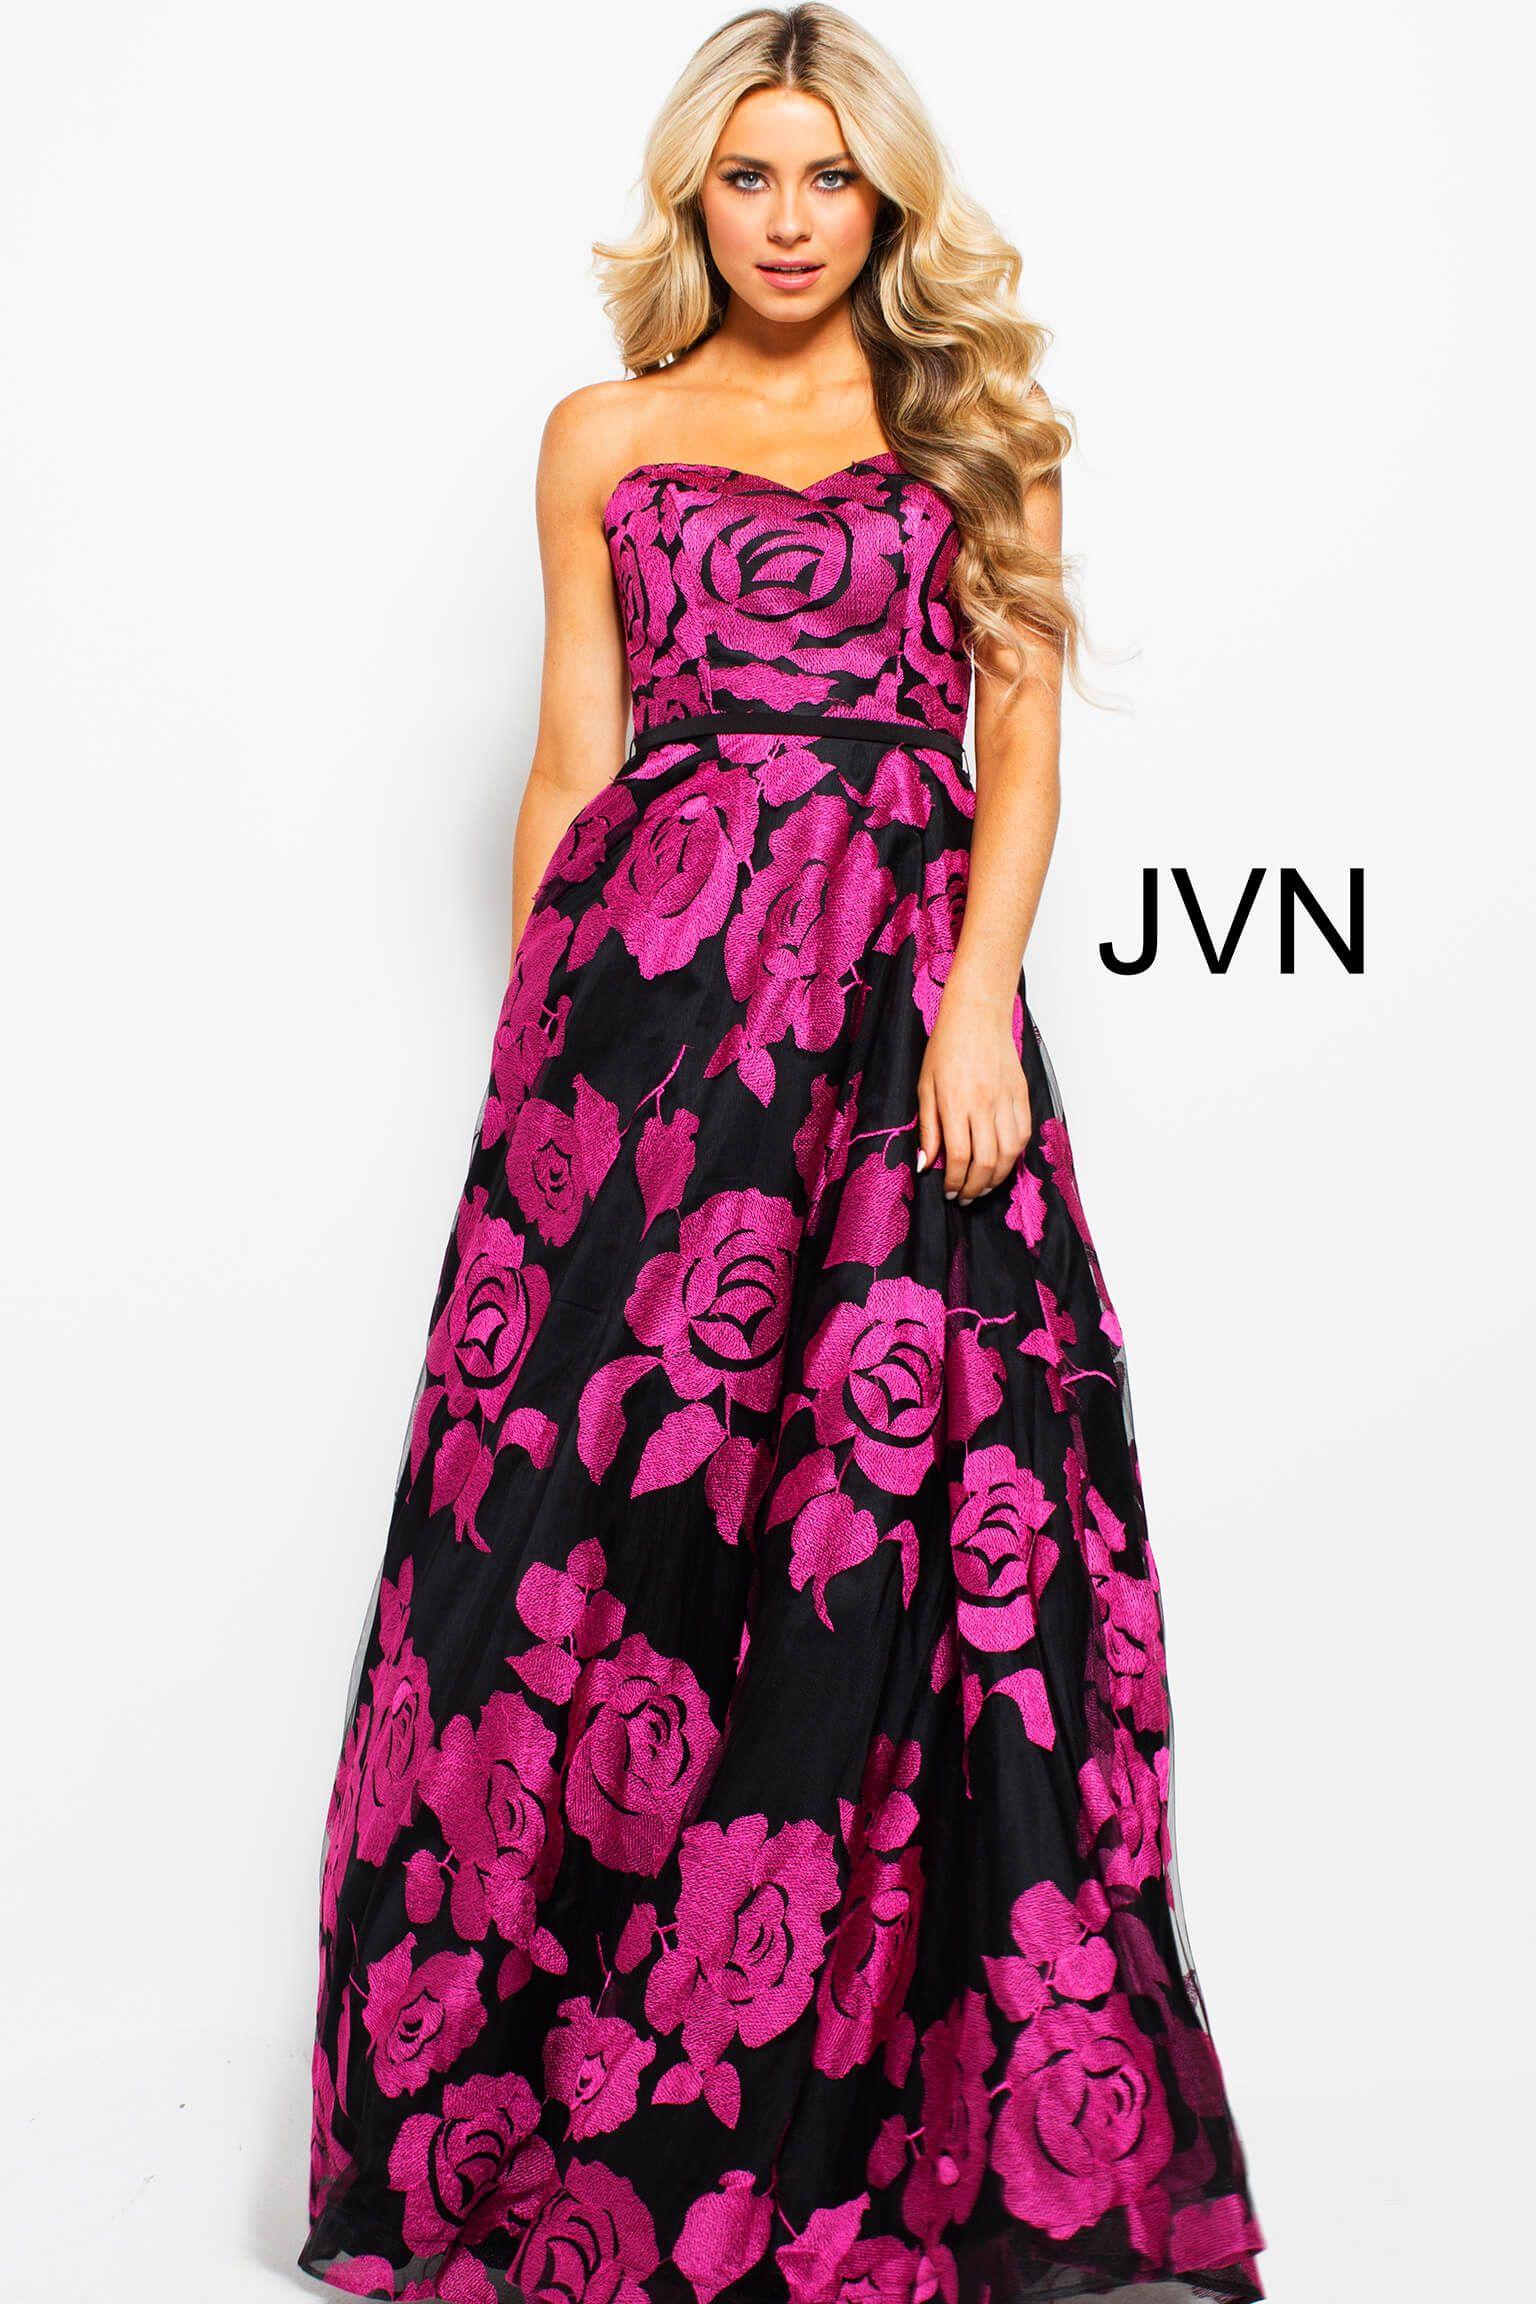 351ba449c9 JVN by Jovani JVN60044 - International Prom Association  promdress  dresses